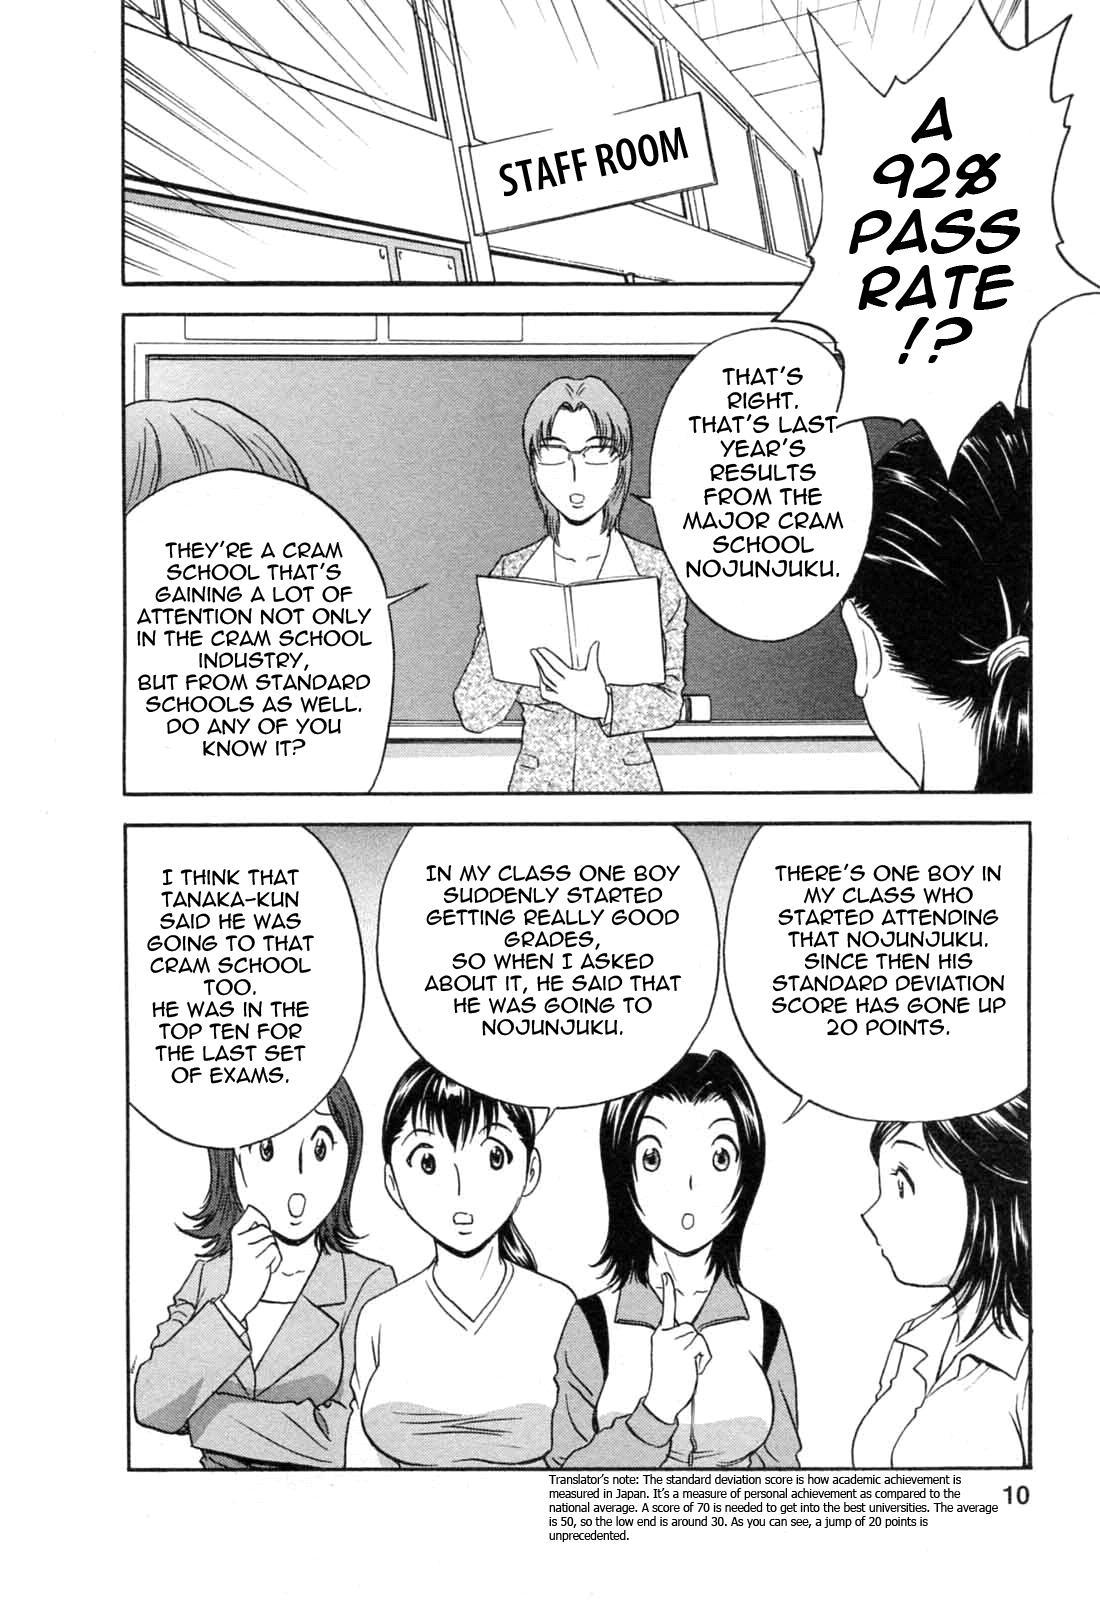 [Hidemaru] Mo-Retsu! Boin Sensei (Boing Boing Teacher) Vol.5 [English] [4dawgz] [Tadanohito] 10